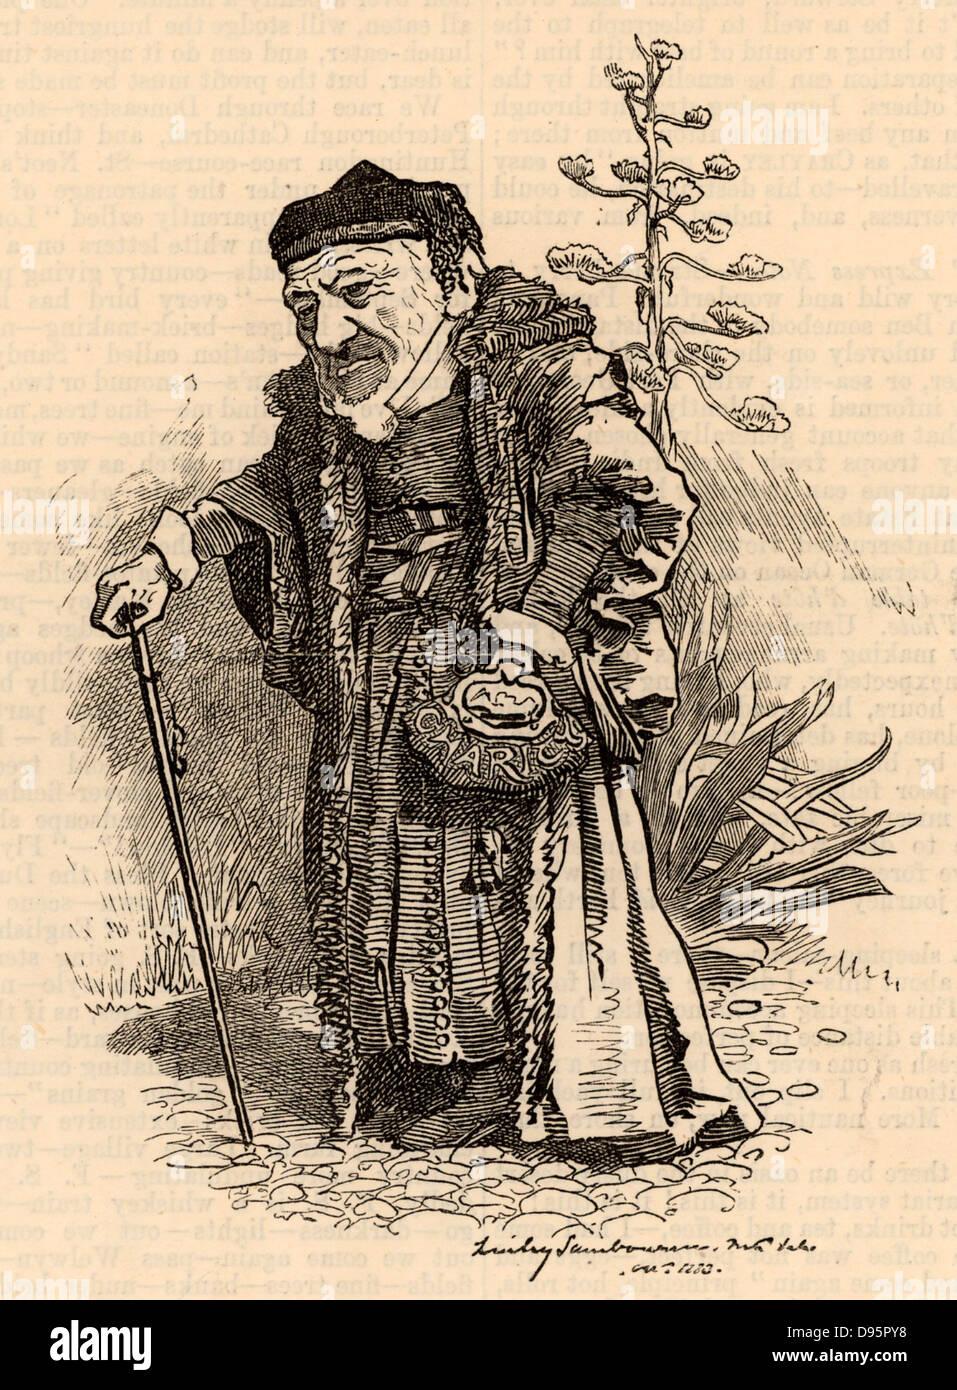 Mosè montefiore 1784 1885 italiano inglese nato filantropo e